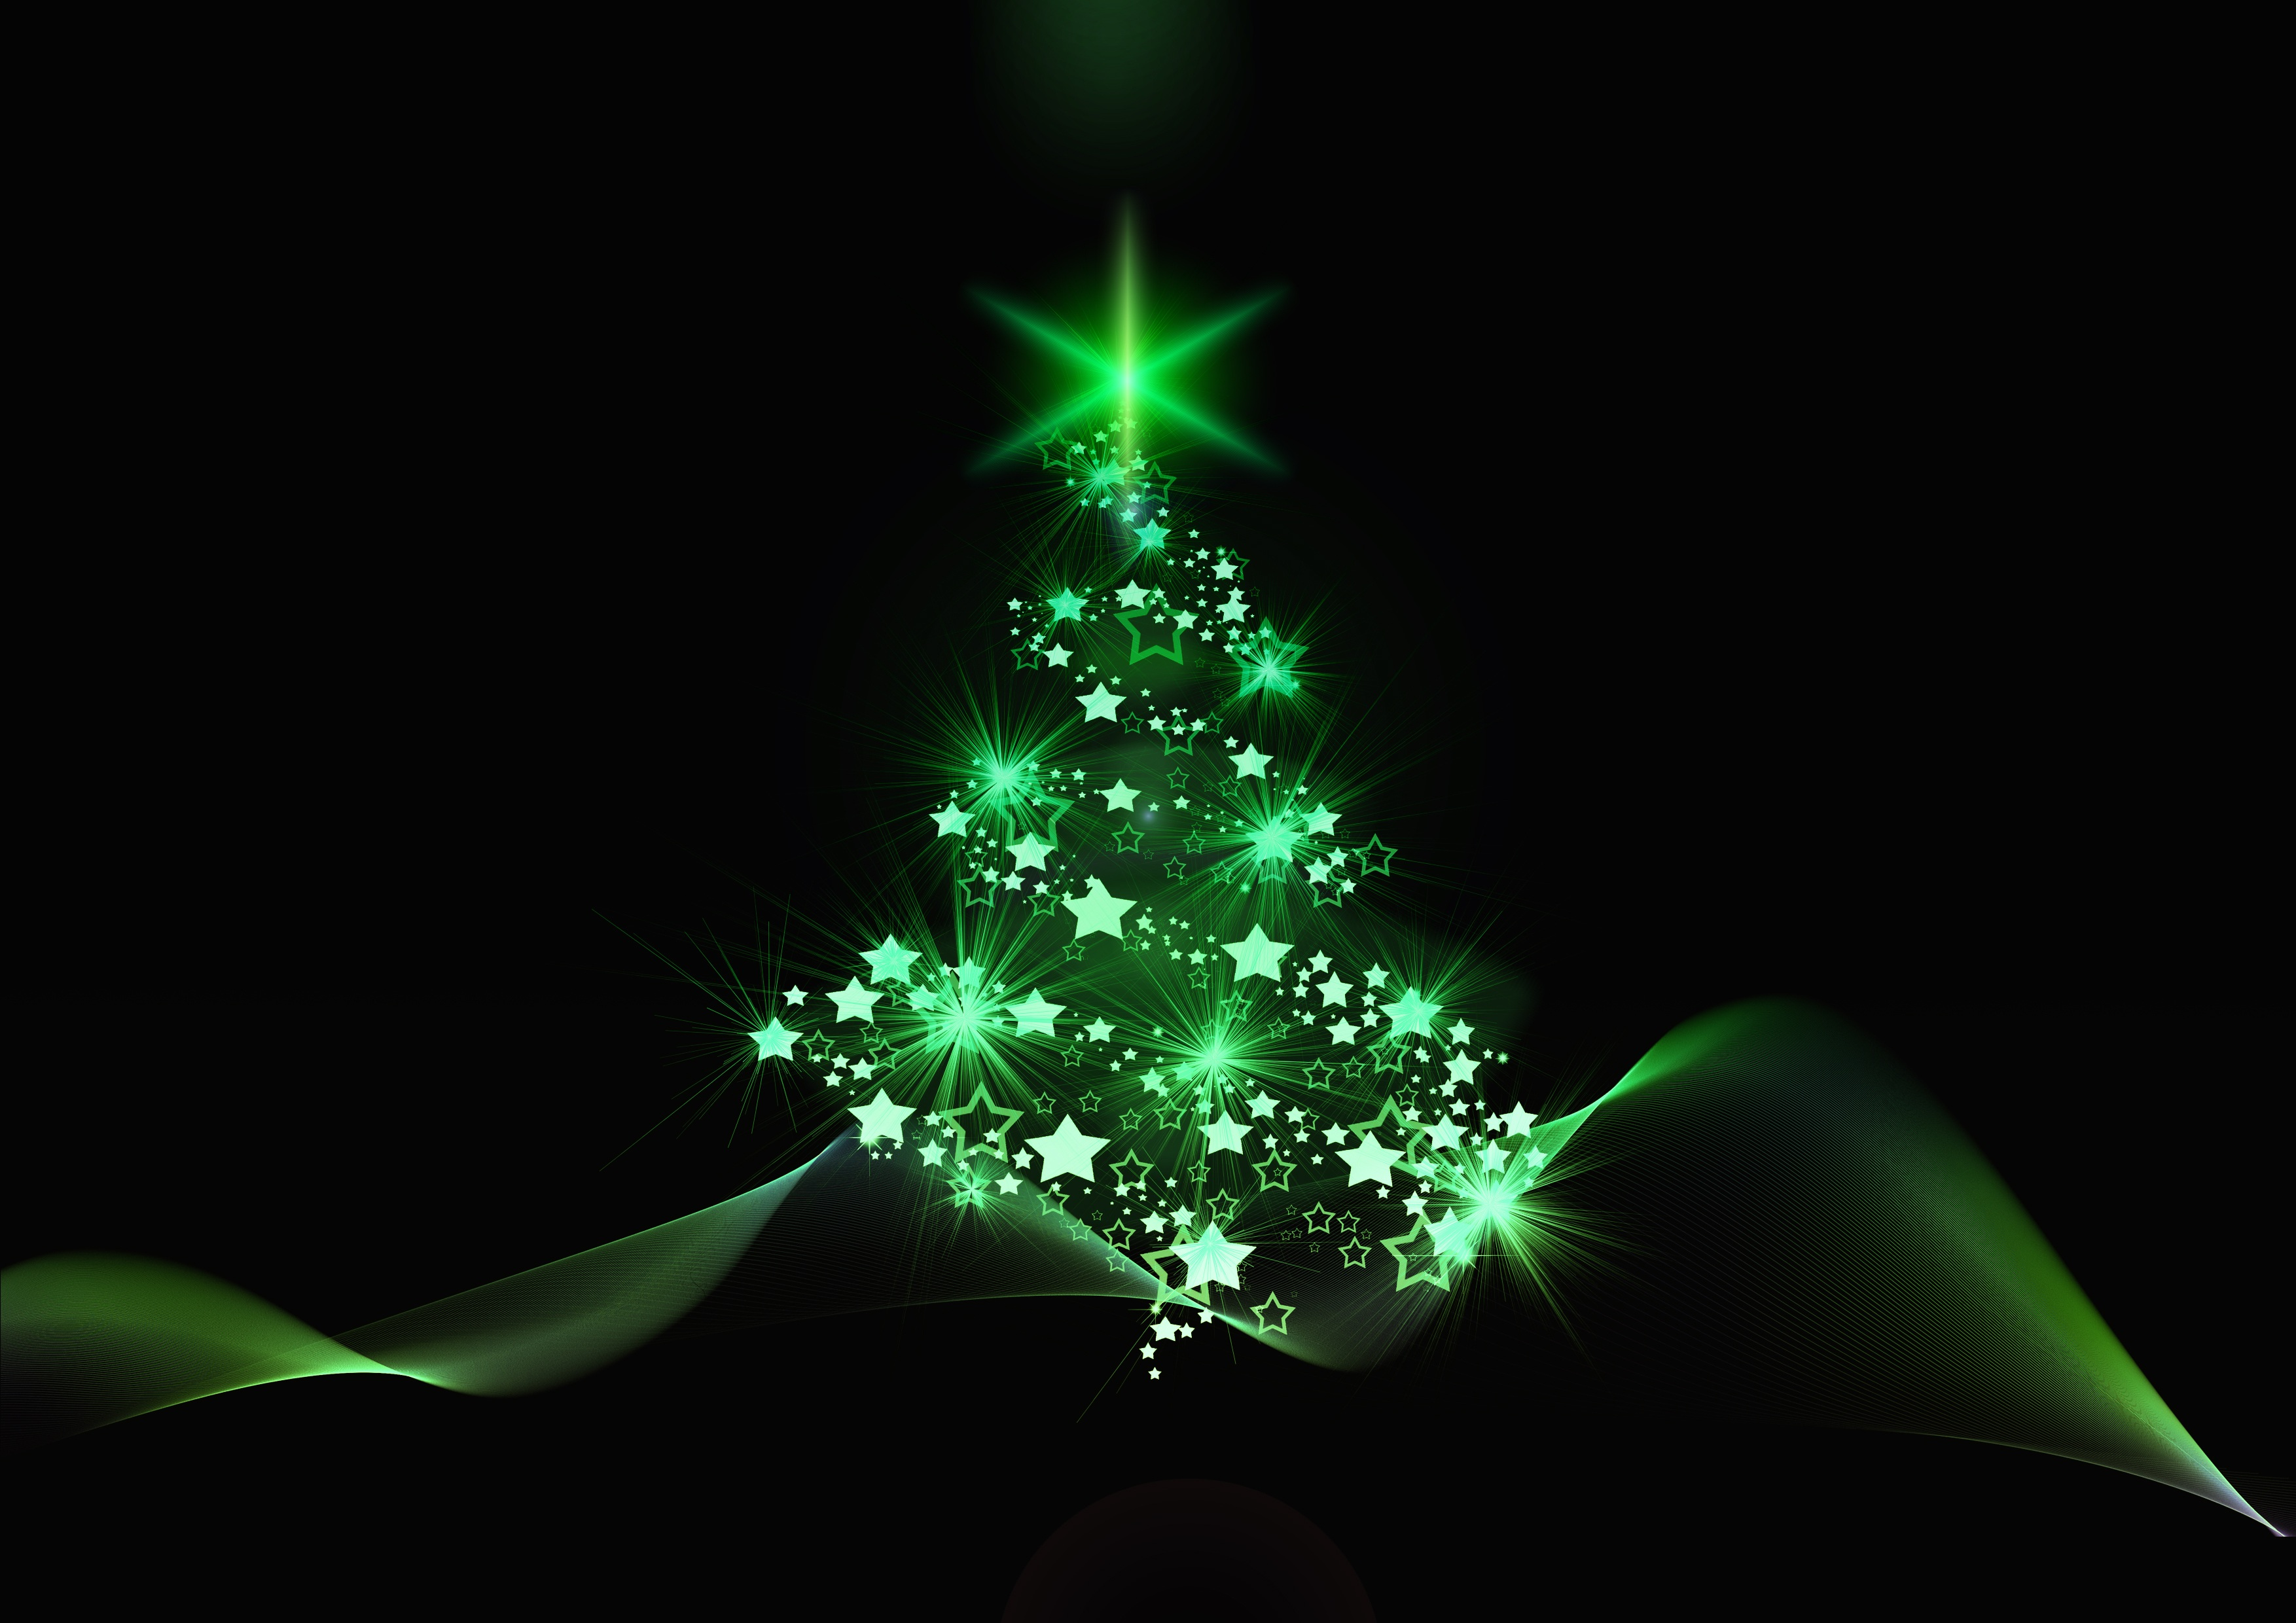 104464 Salvapantallas y fondos de pantalla Año Nuevo en tu teléfono. Descarga imágenes de Vacaciones, Árbol De Navidad, Navidad, Año Nuevo, Arte gratis